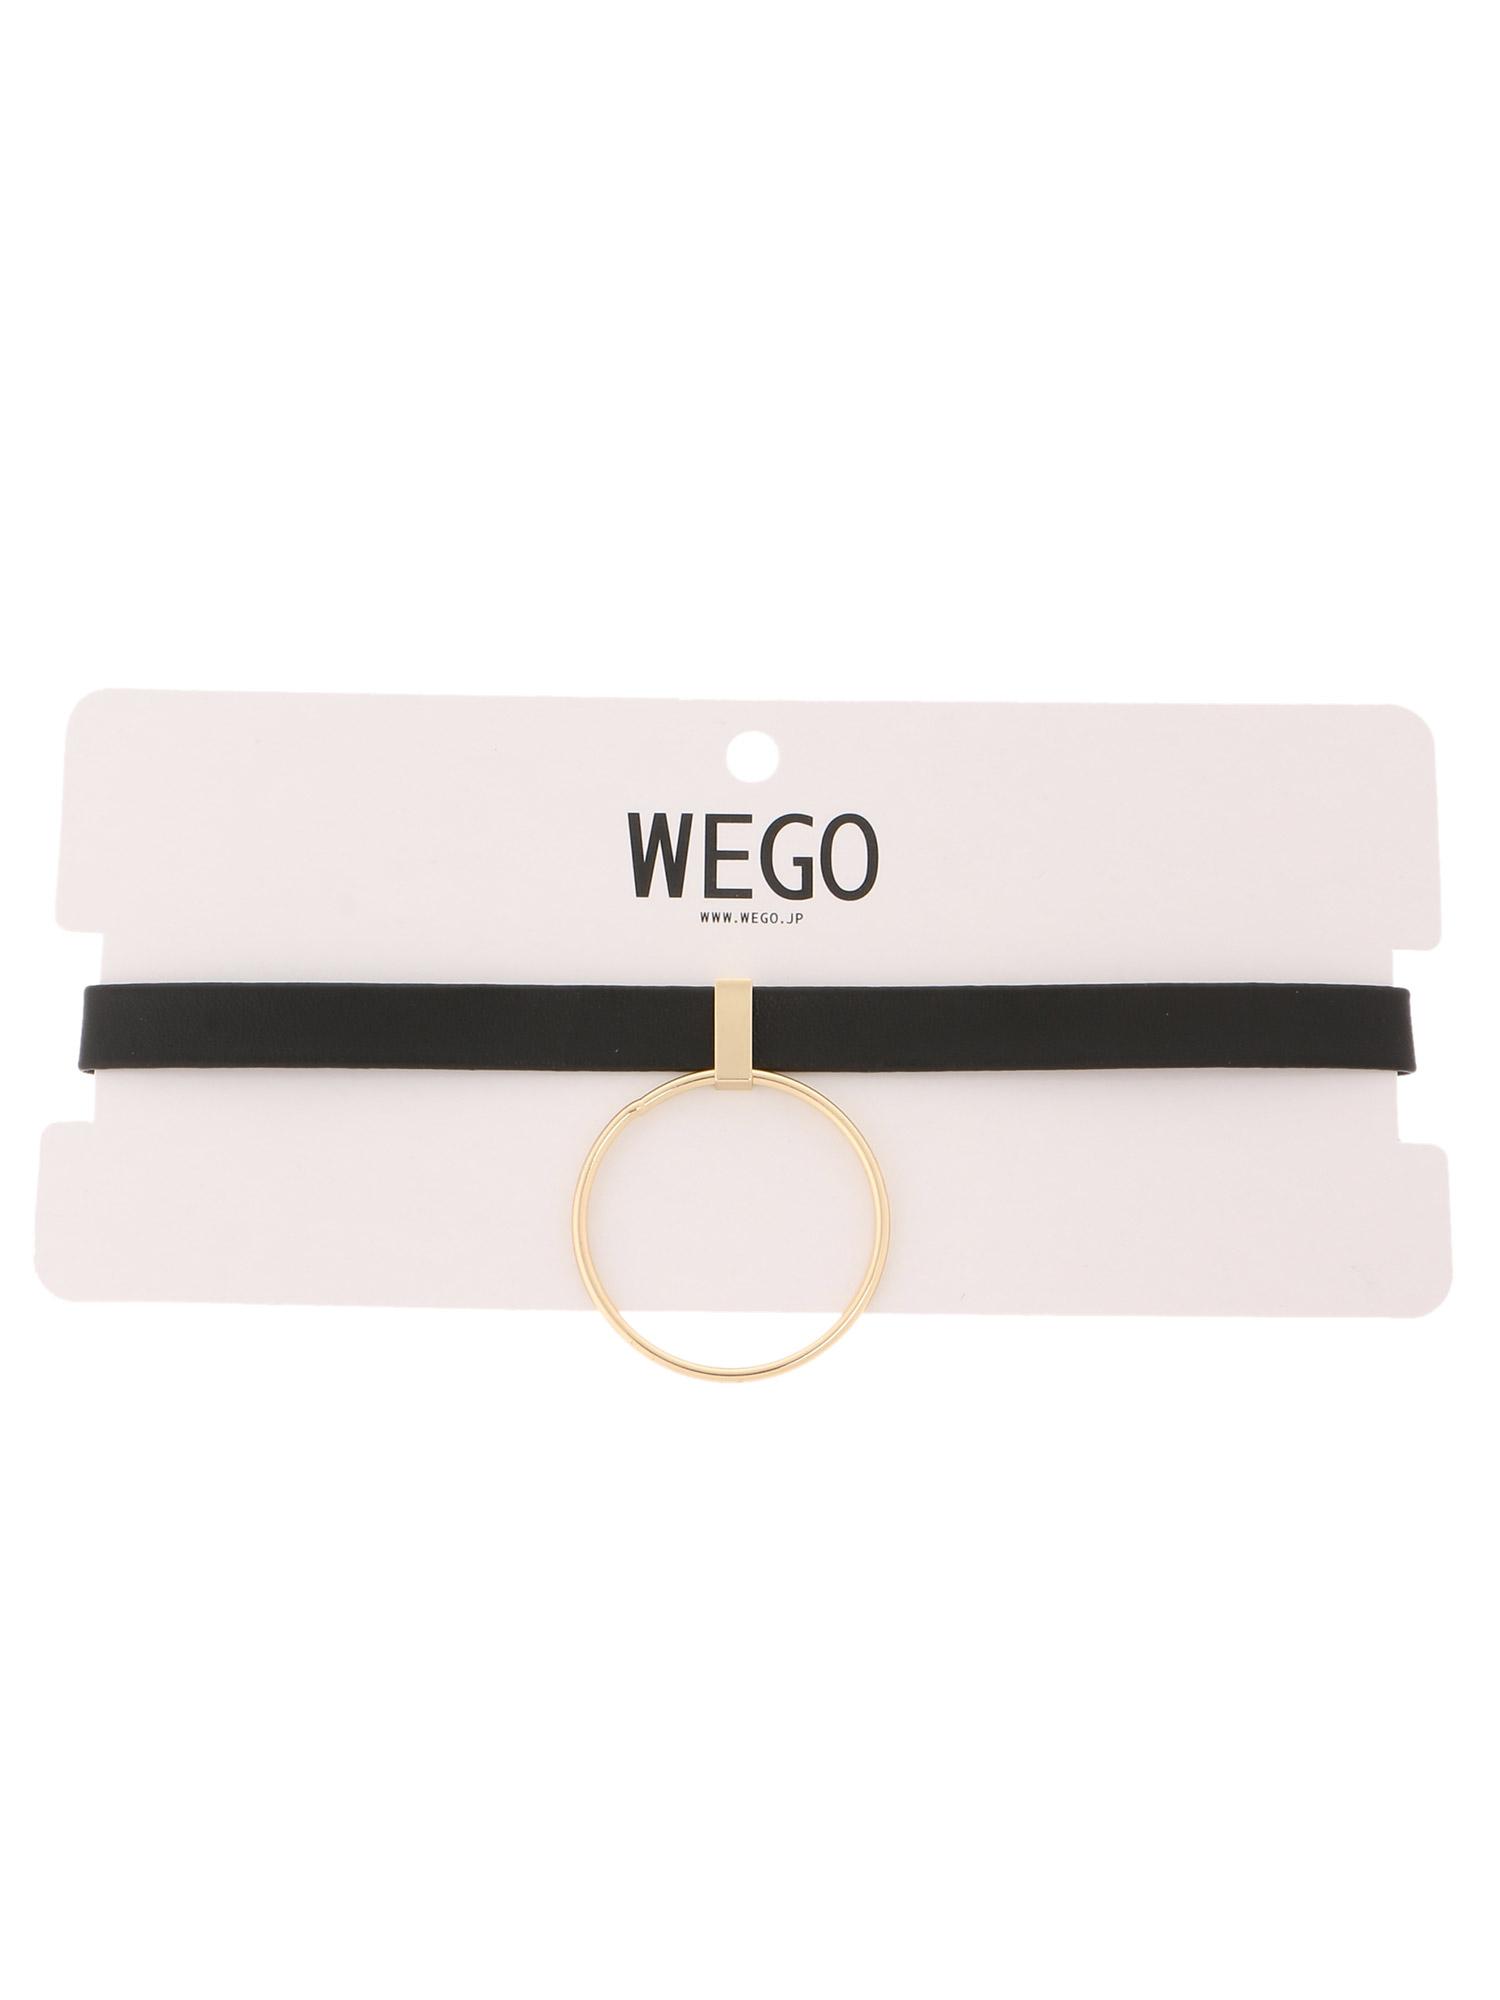 WEGO/フープチョーカー